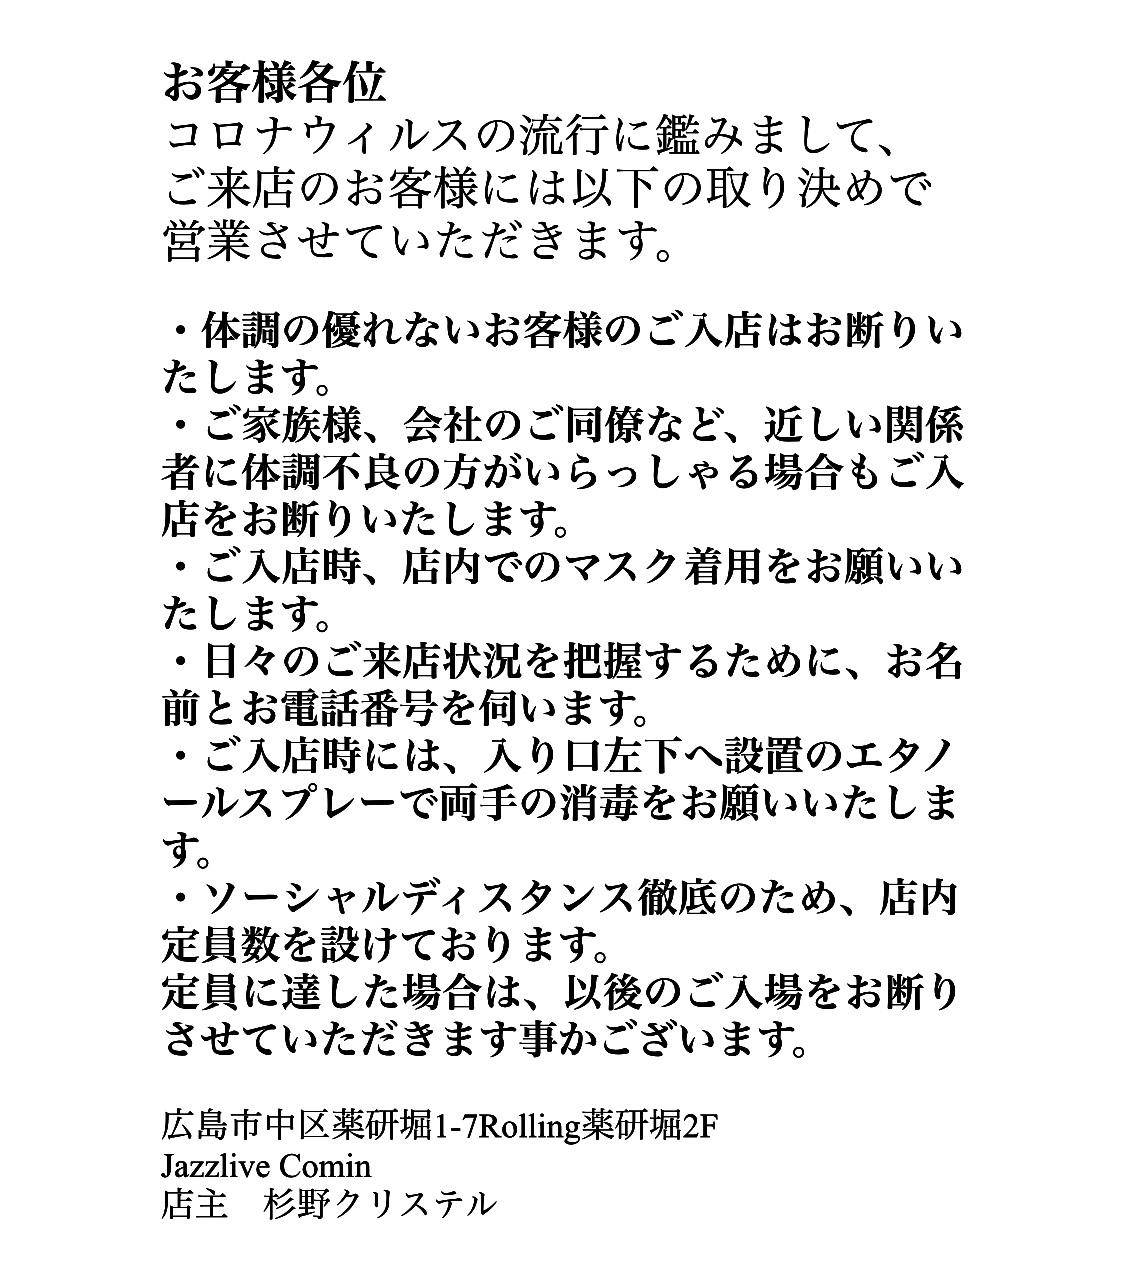 広島 ジャズライブ カミンJazzlive Comin本日8月31日月曜日の演目_b0115606_10391434.jpeg